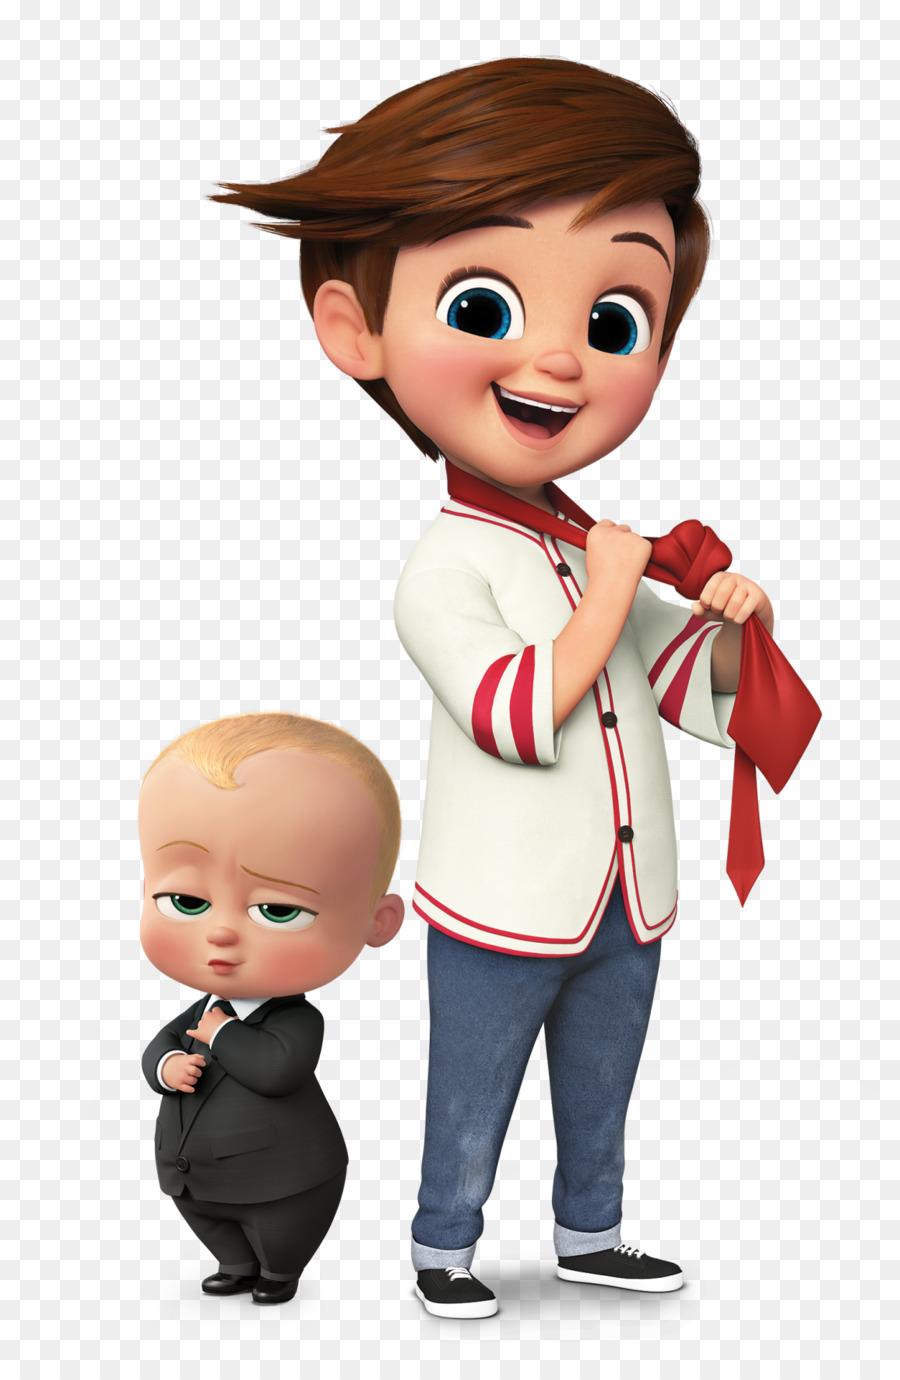 Descarga gratuita de Jefe Bebé, Jefe De Bebé 2, La Película Imágen de Png